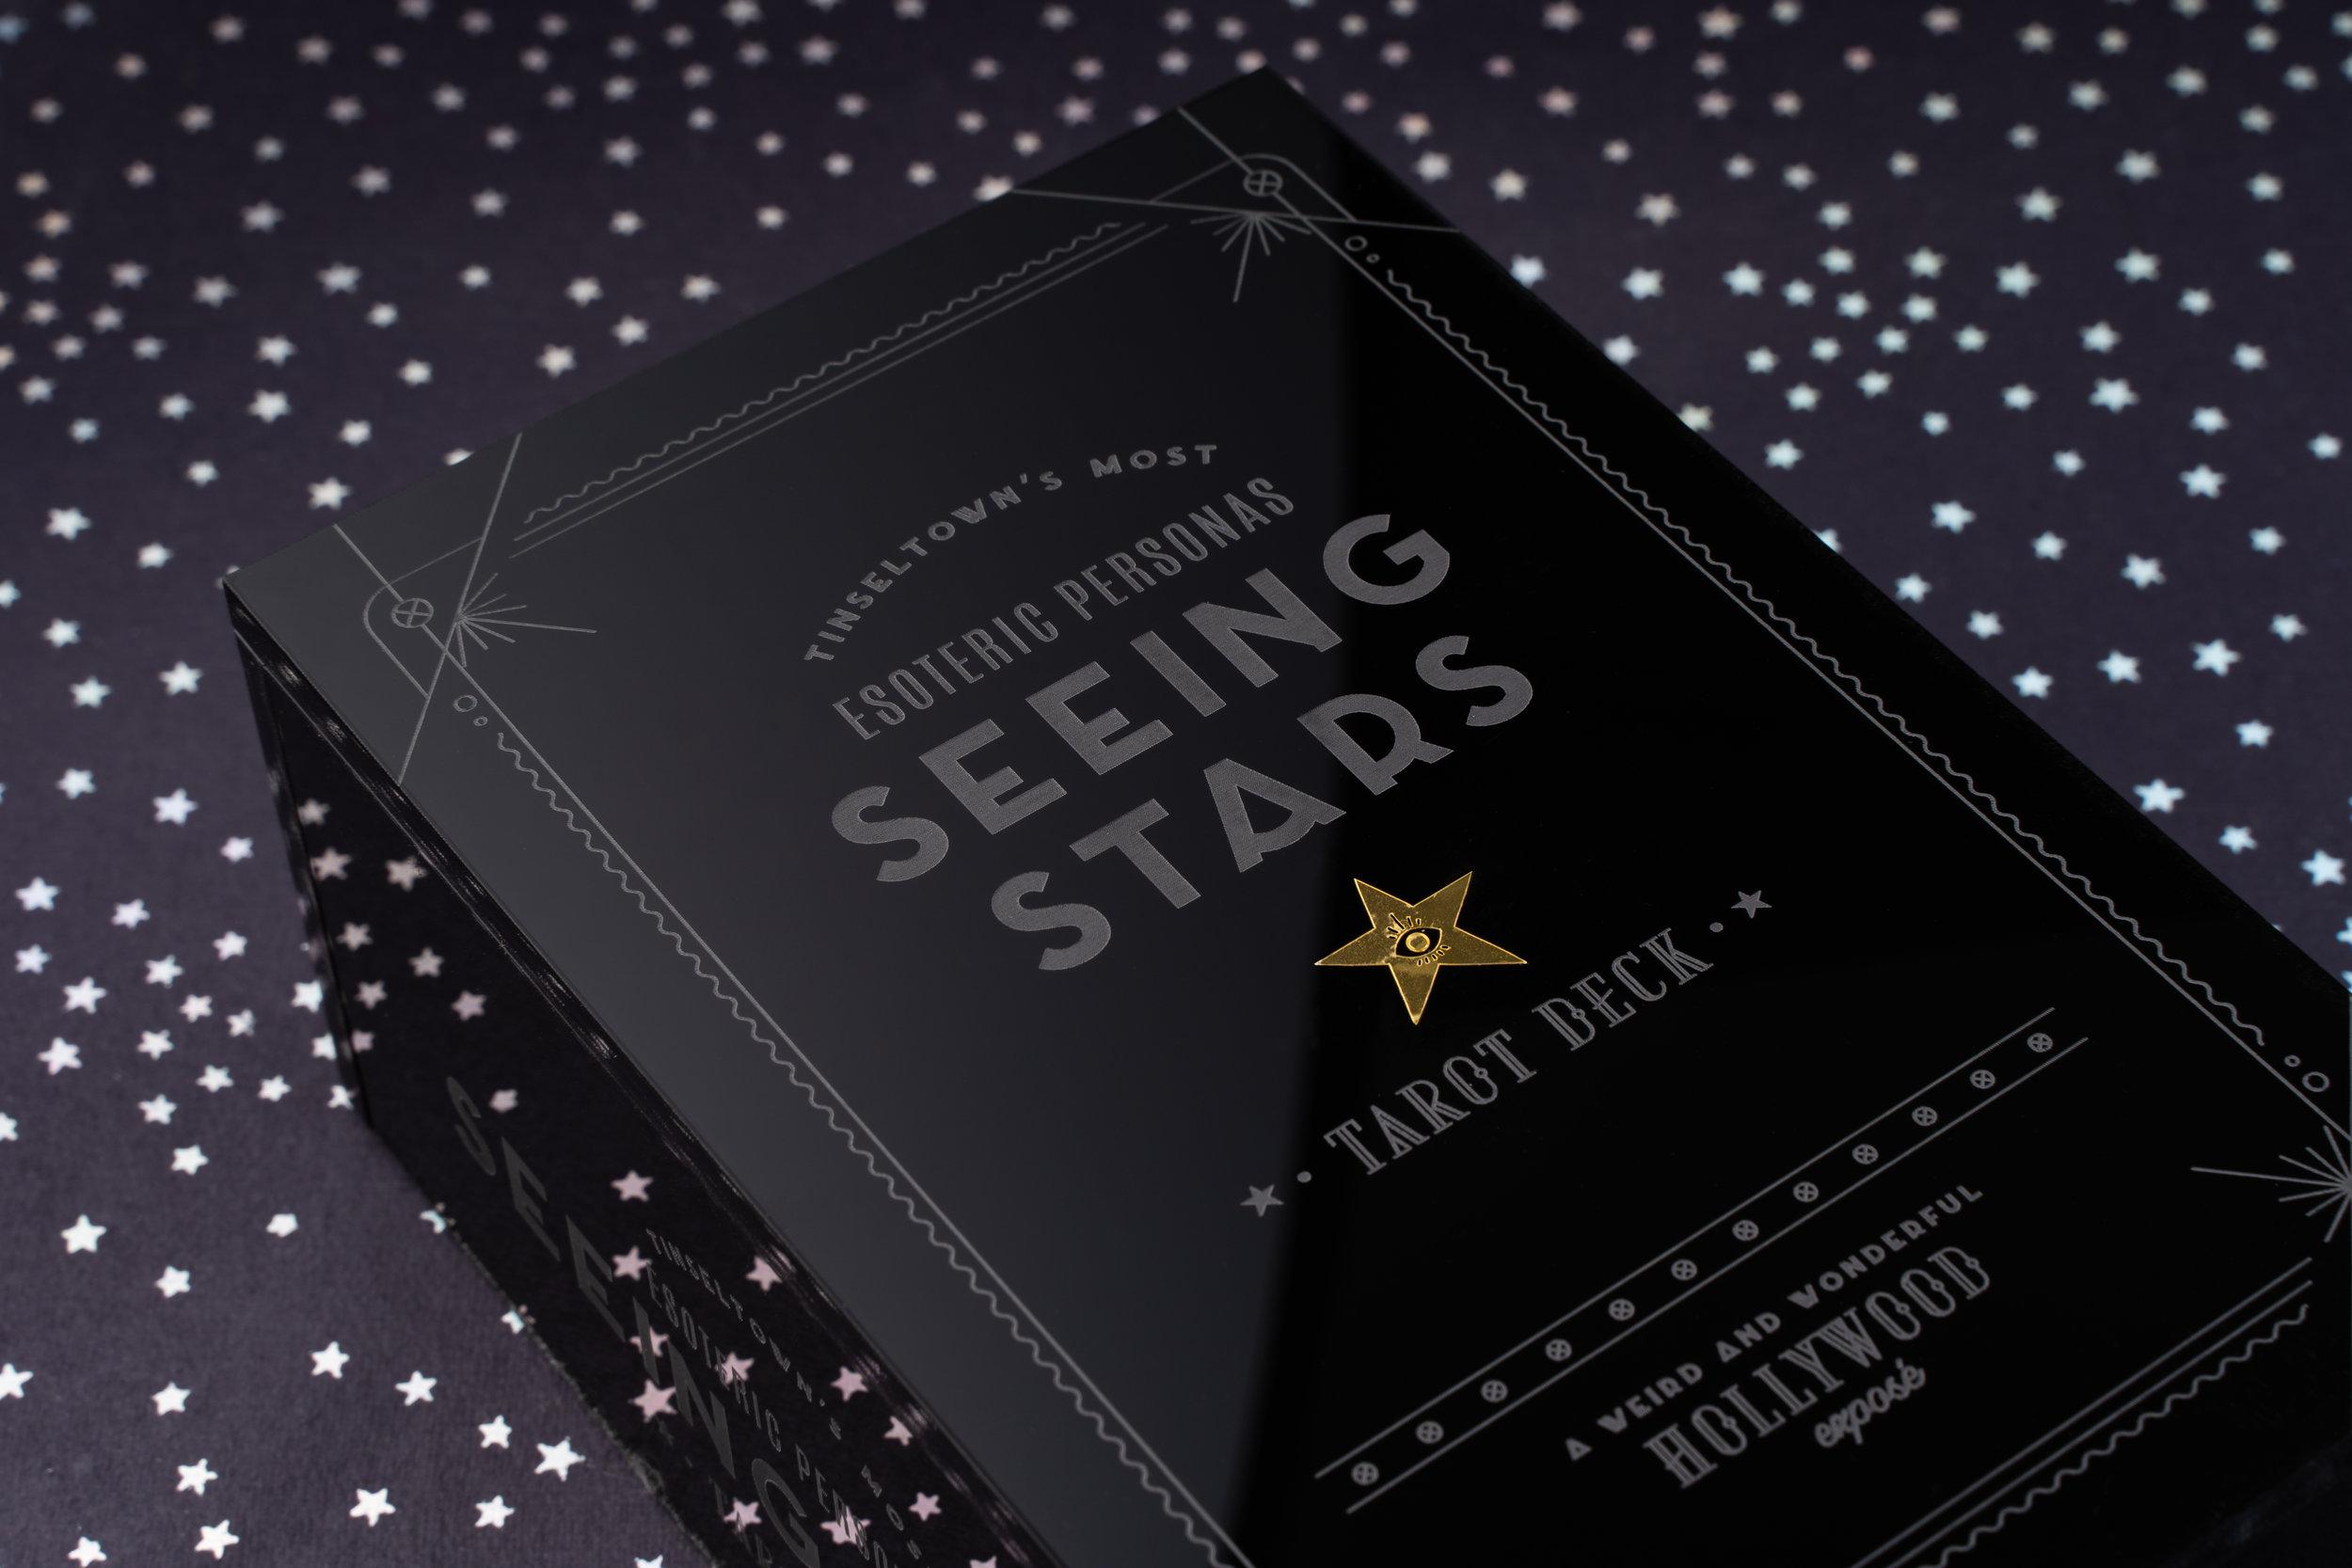 SeeingStarsPackaging1